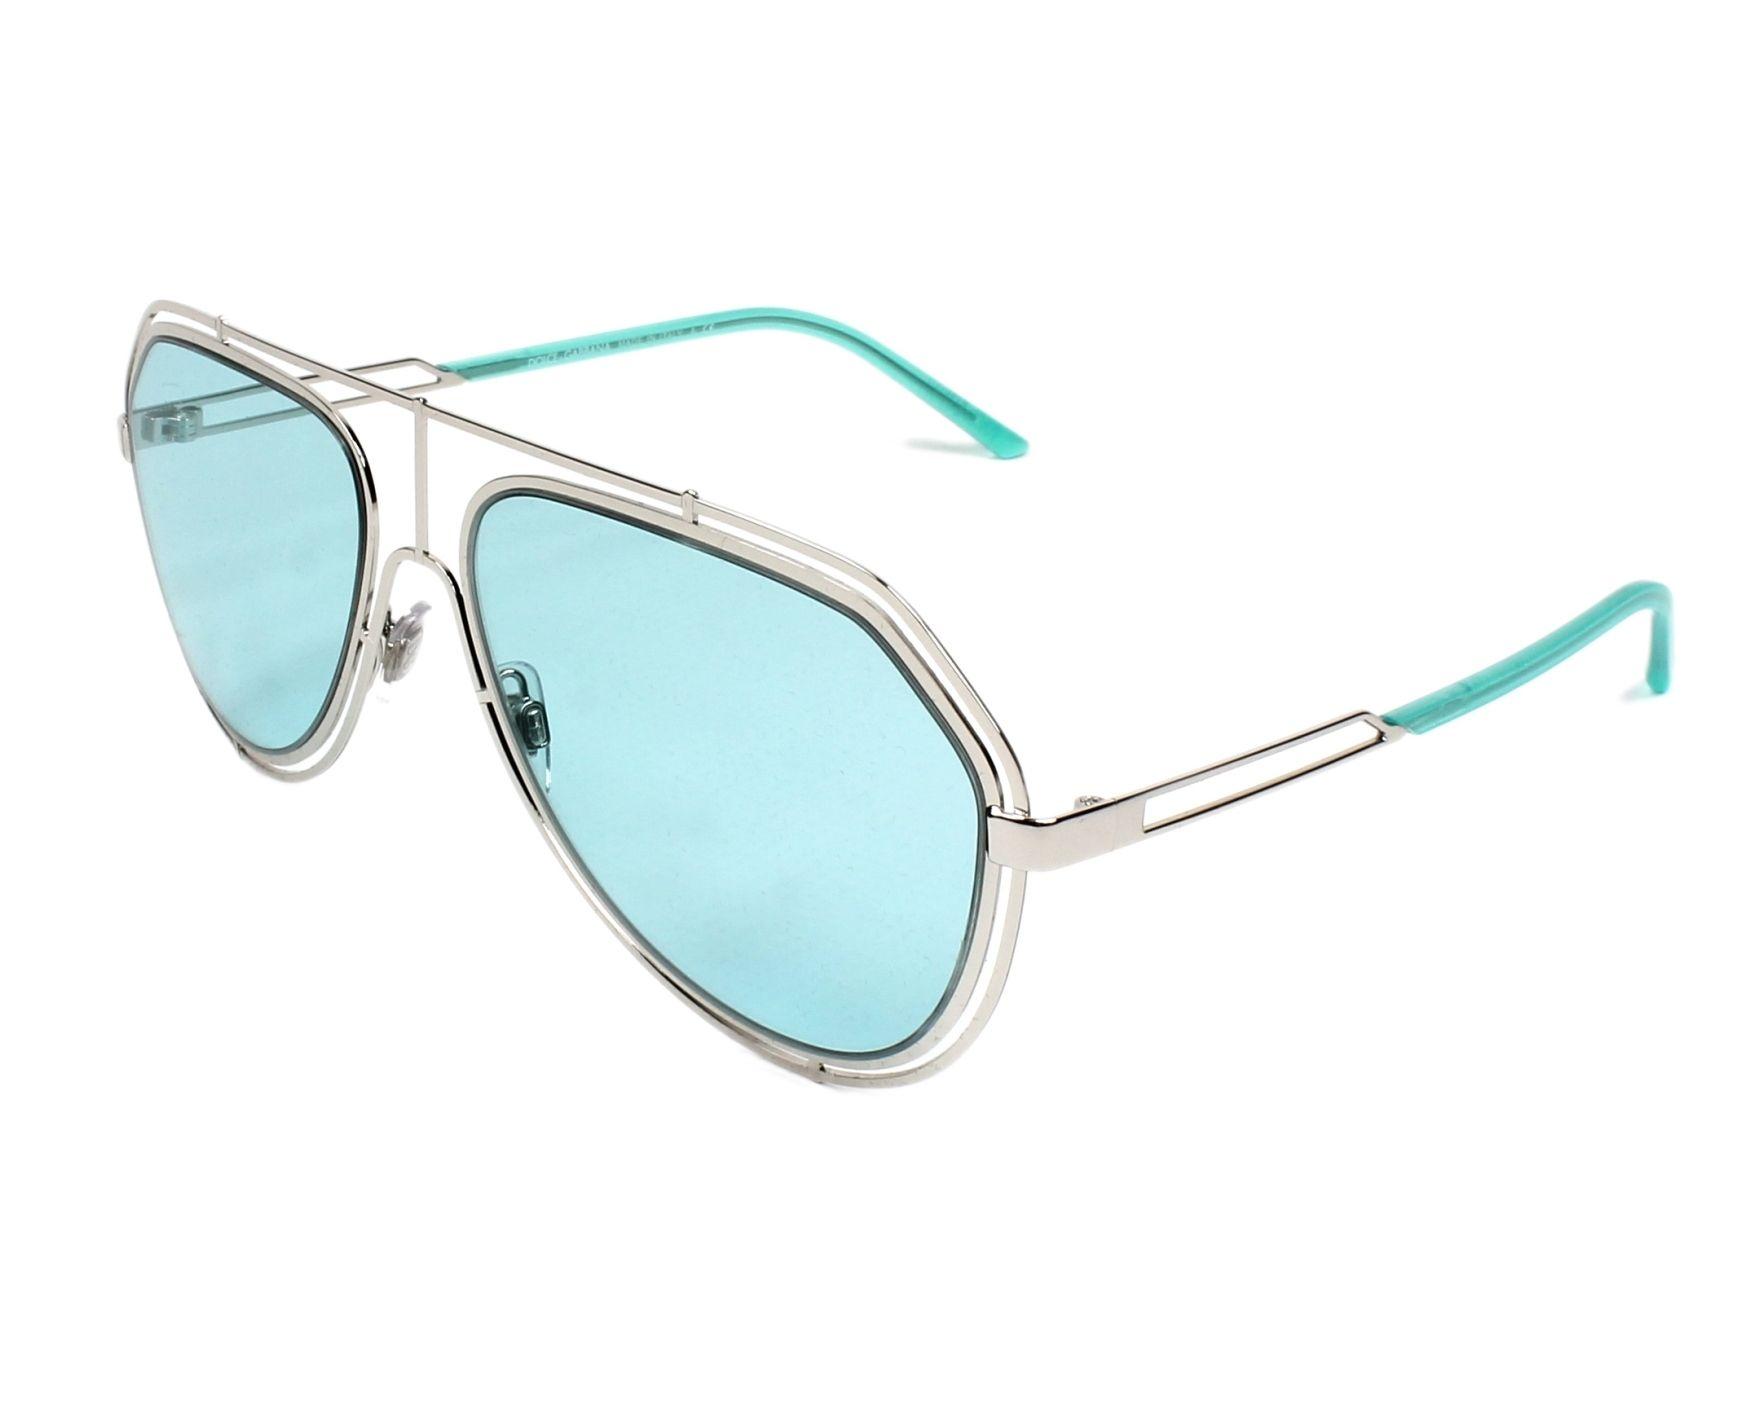 Sunglasses Dolce & Gabbana DG-2176 05/65 59-15 Silver profile view